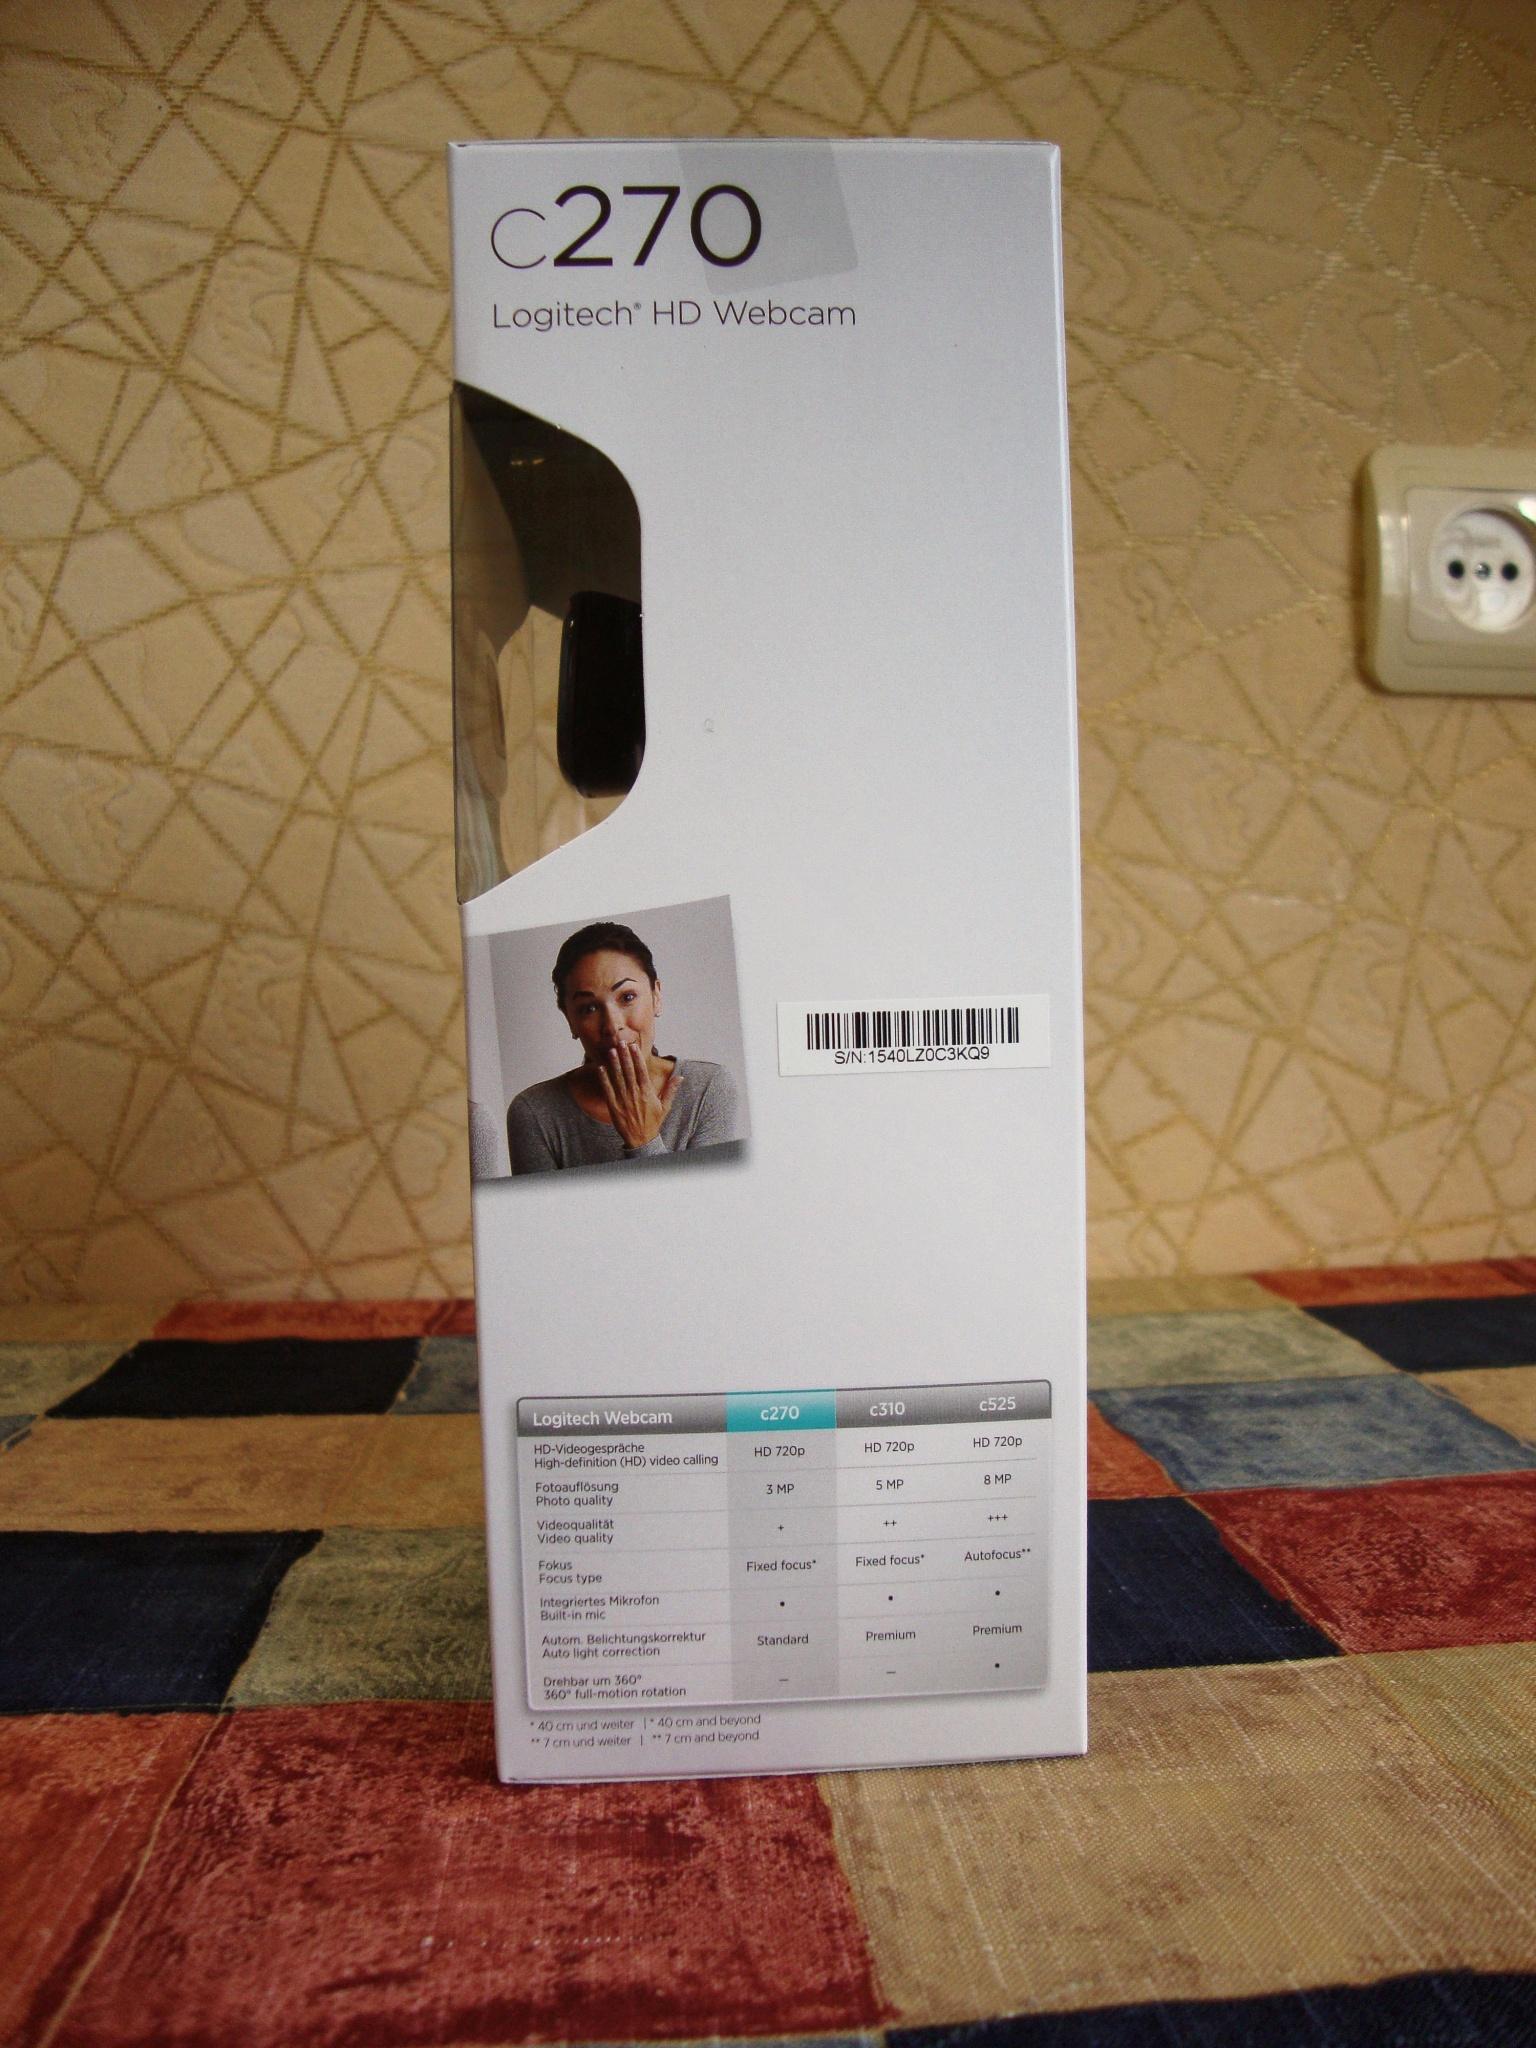 Скачать программа для webcam c270